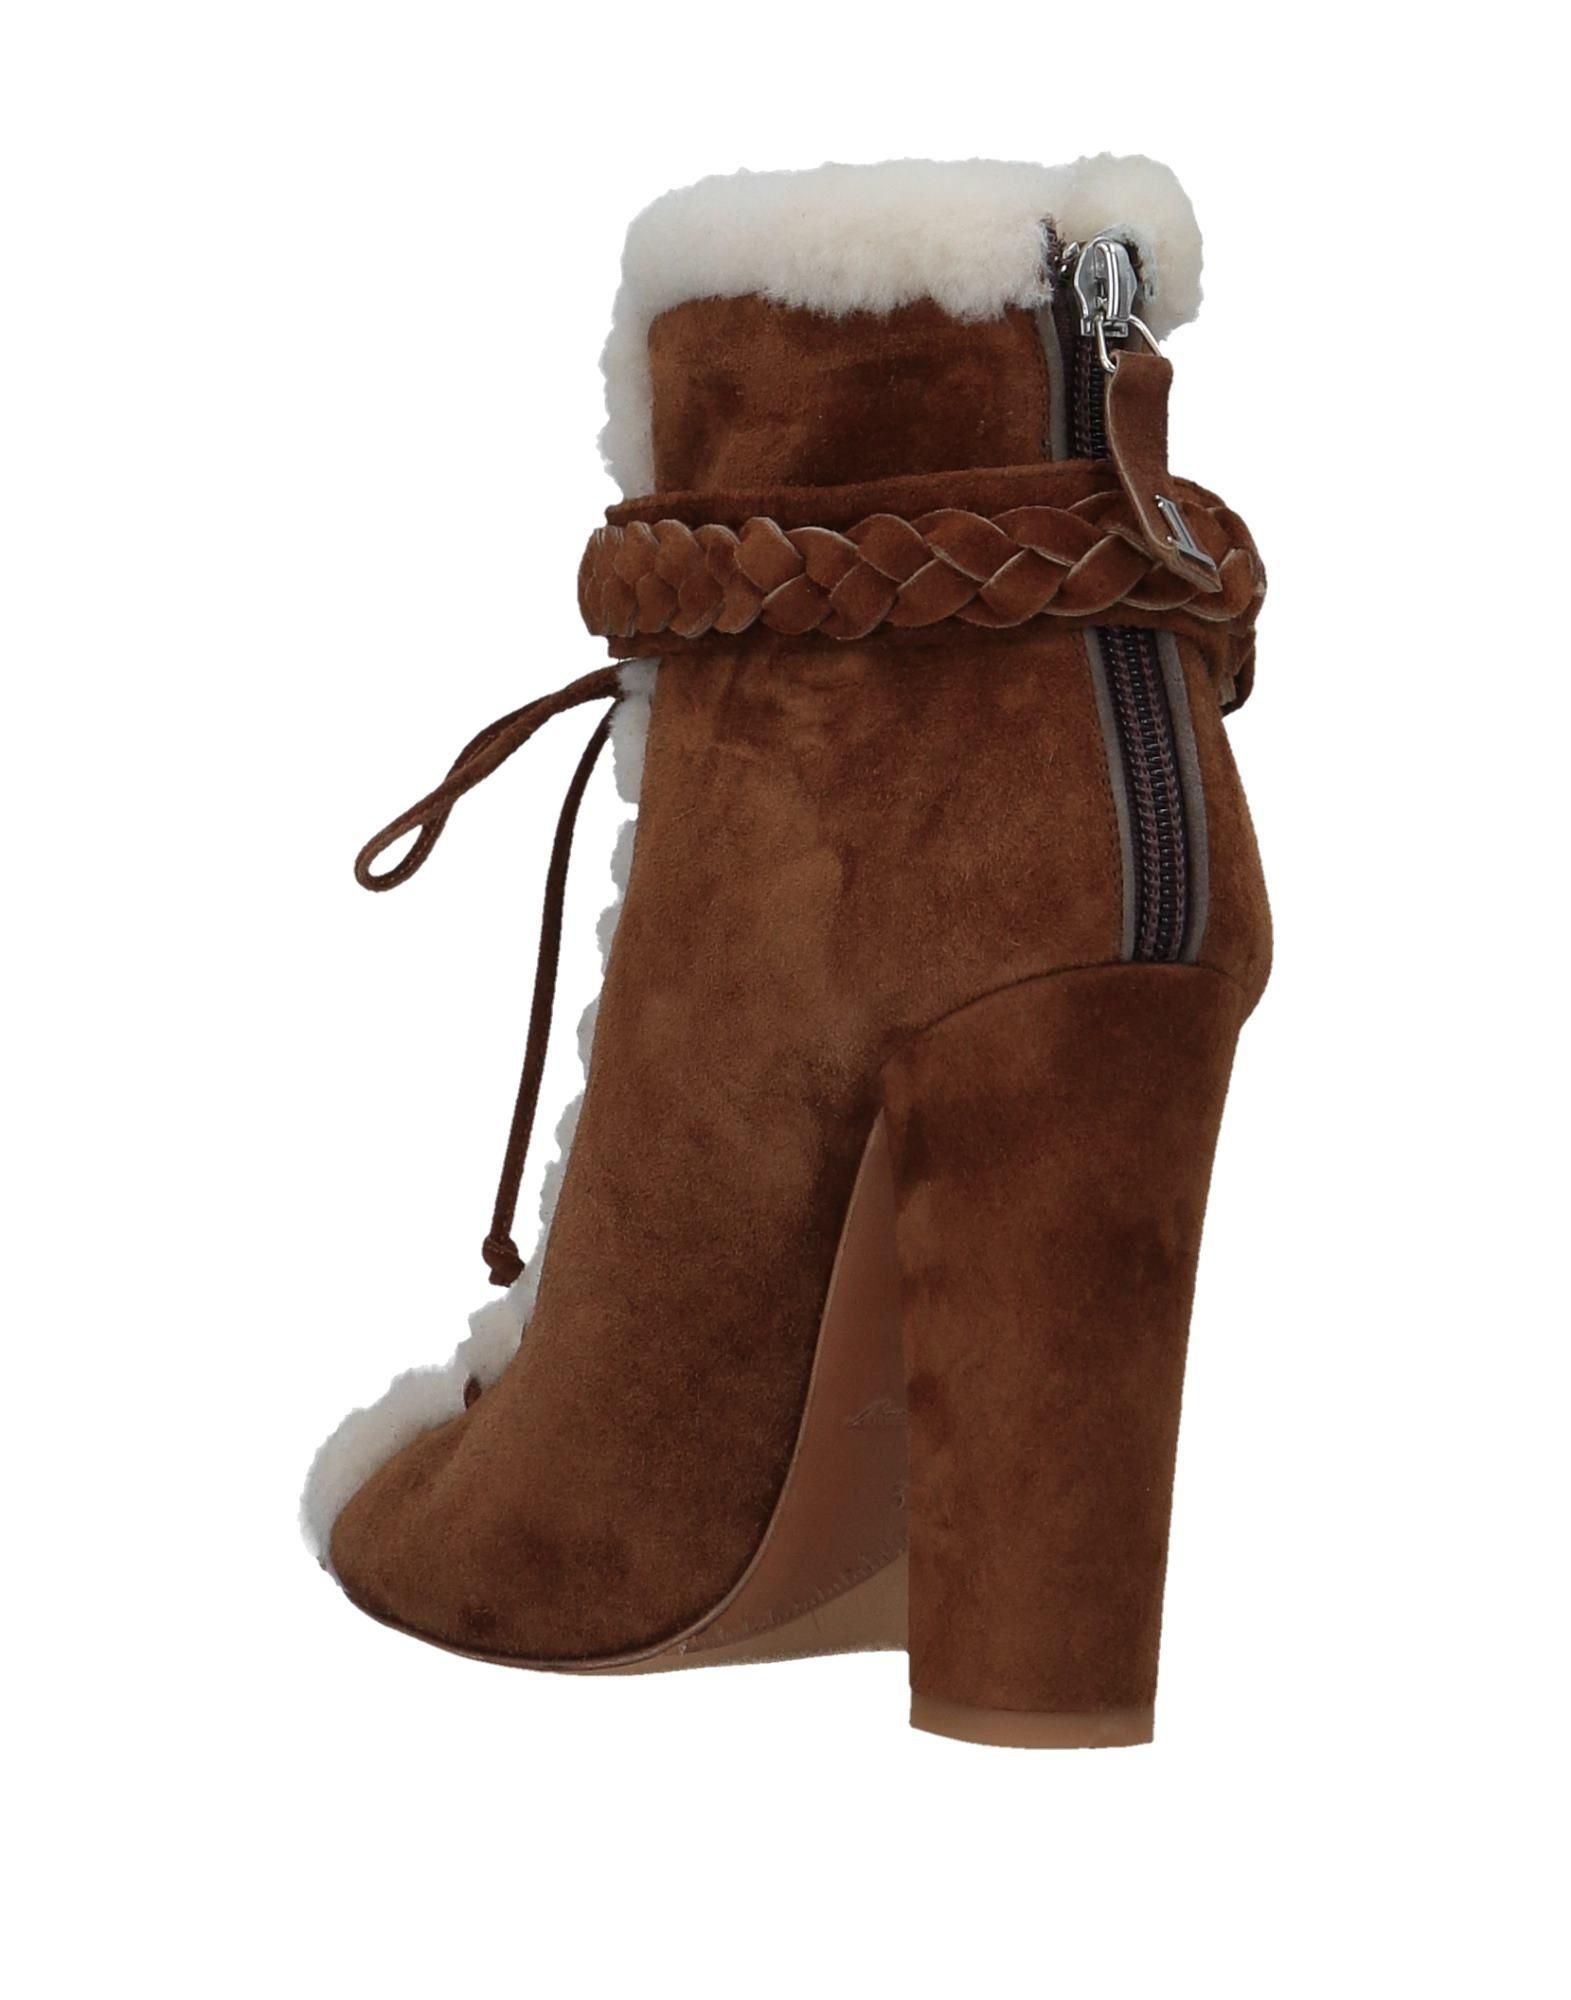 Louis Damen Leeman Stiefelette Damen Louis  11542821XE Neue Schuhe 5b7fad